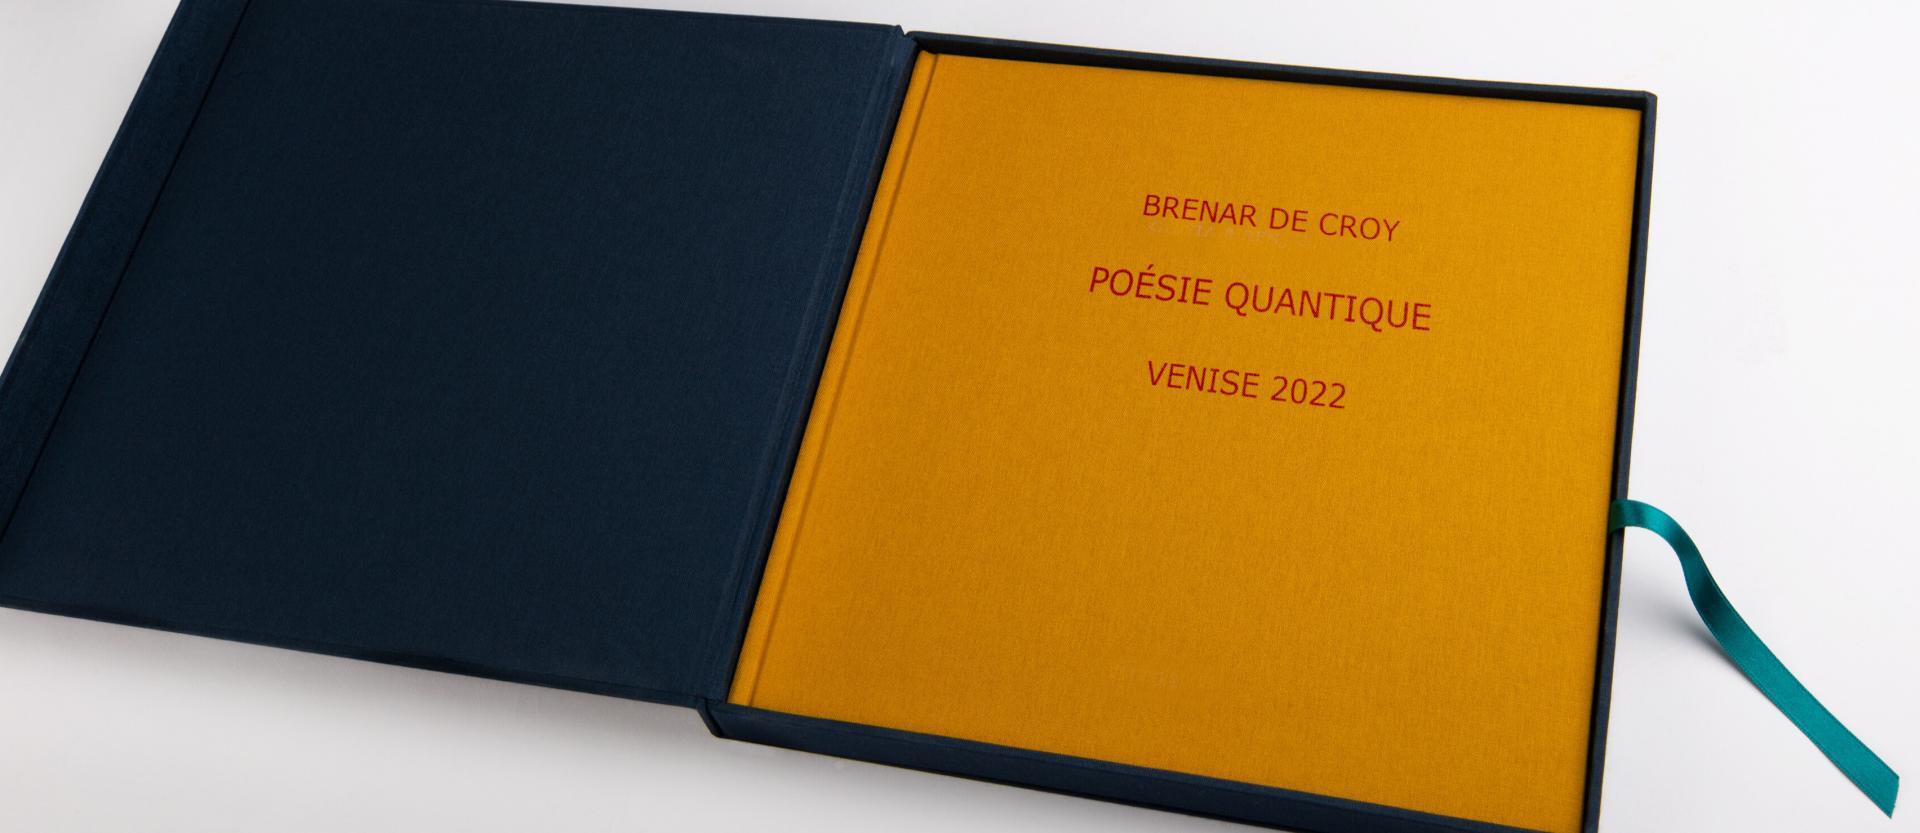 Venise 2022 brenar